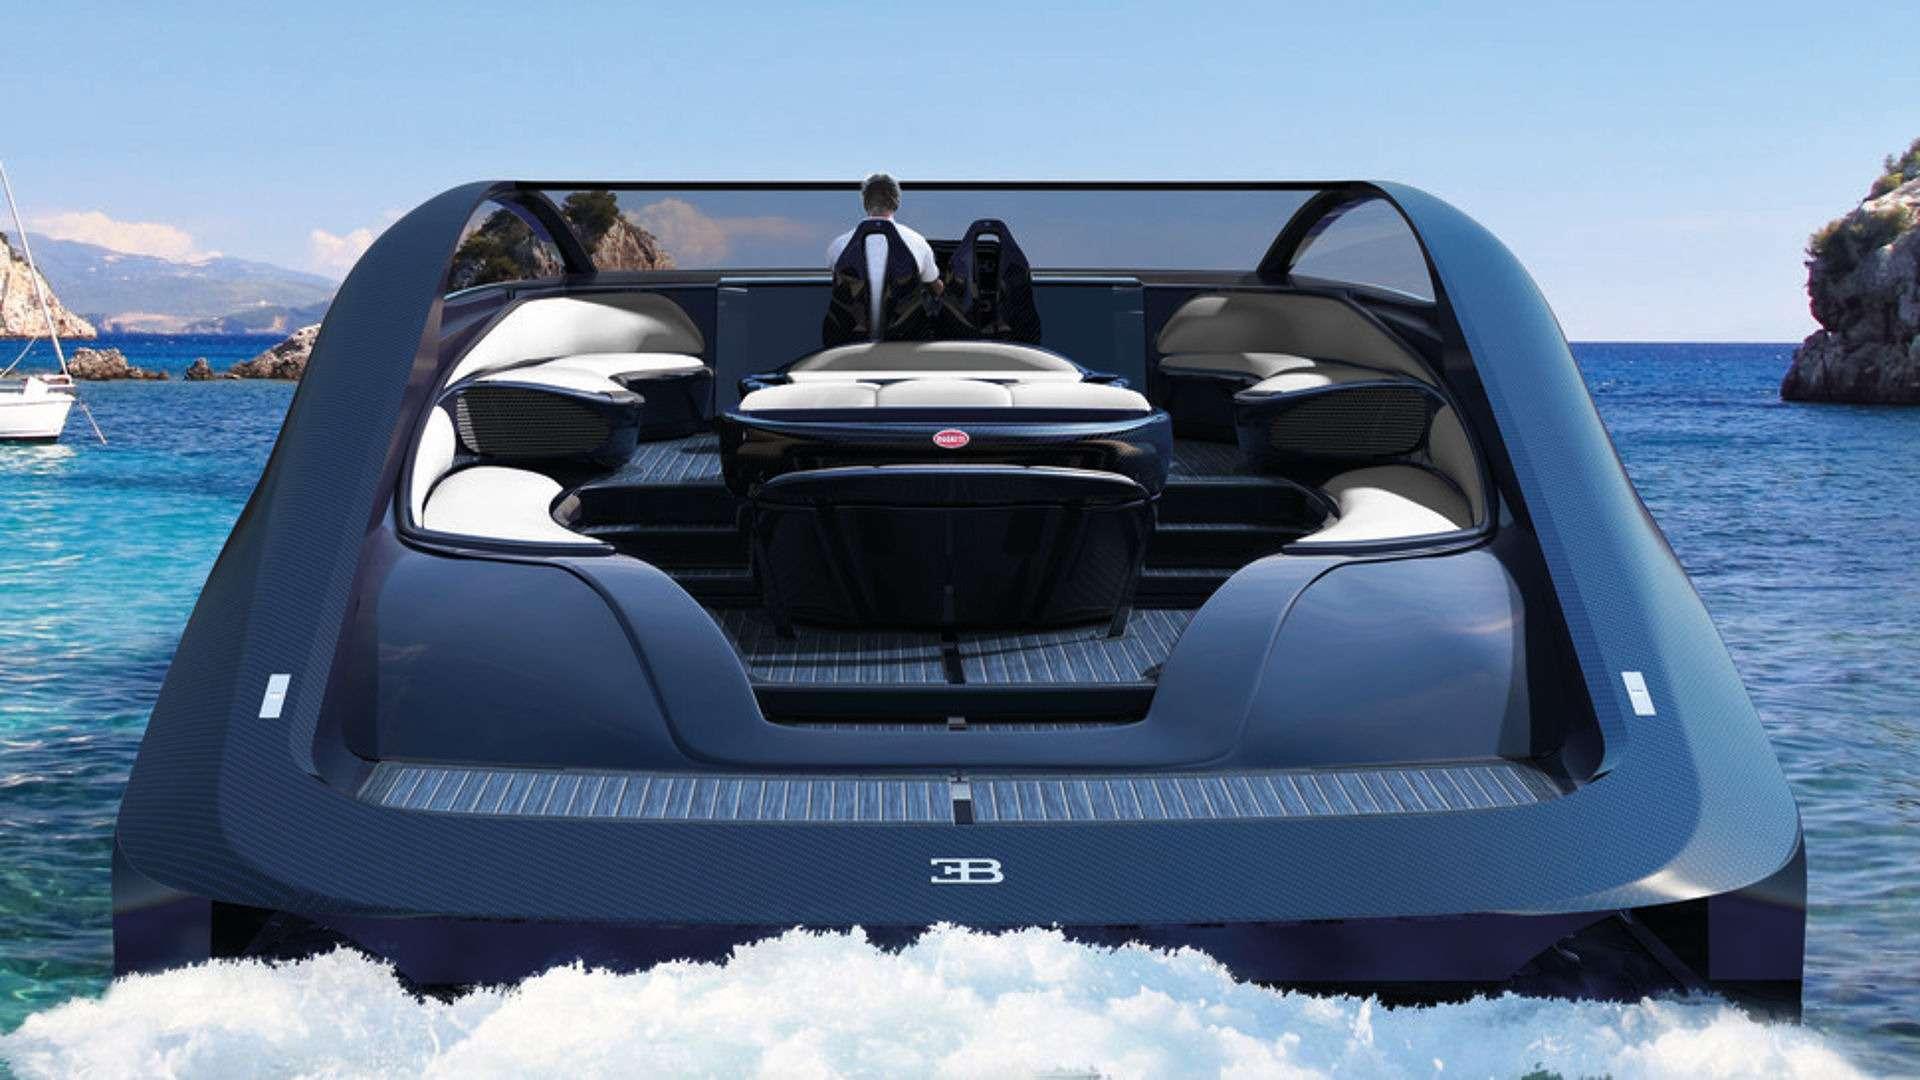 Наволне Широна: подмаркой Bugatti теперь можно купить яхту— фото 720160